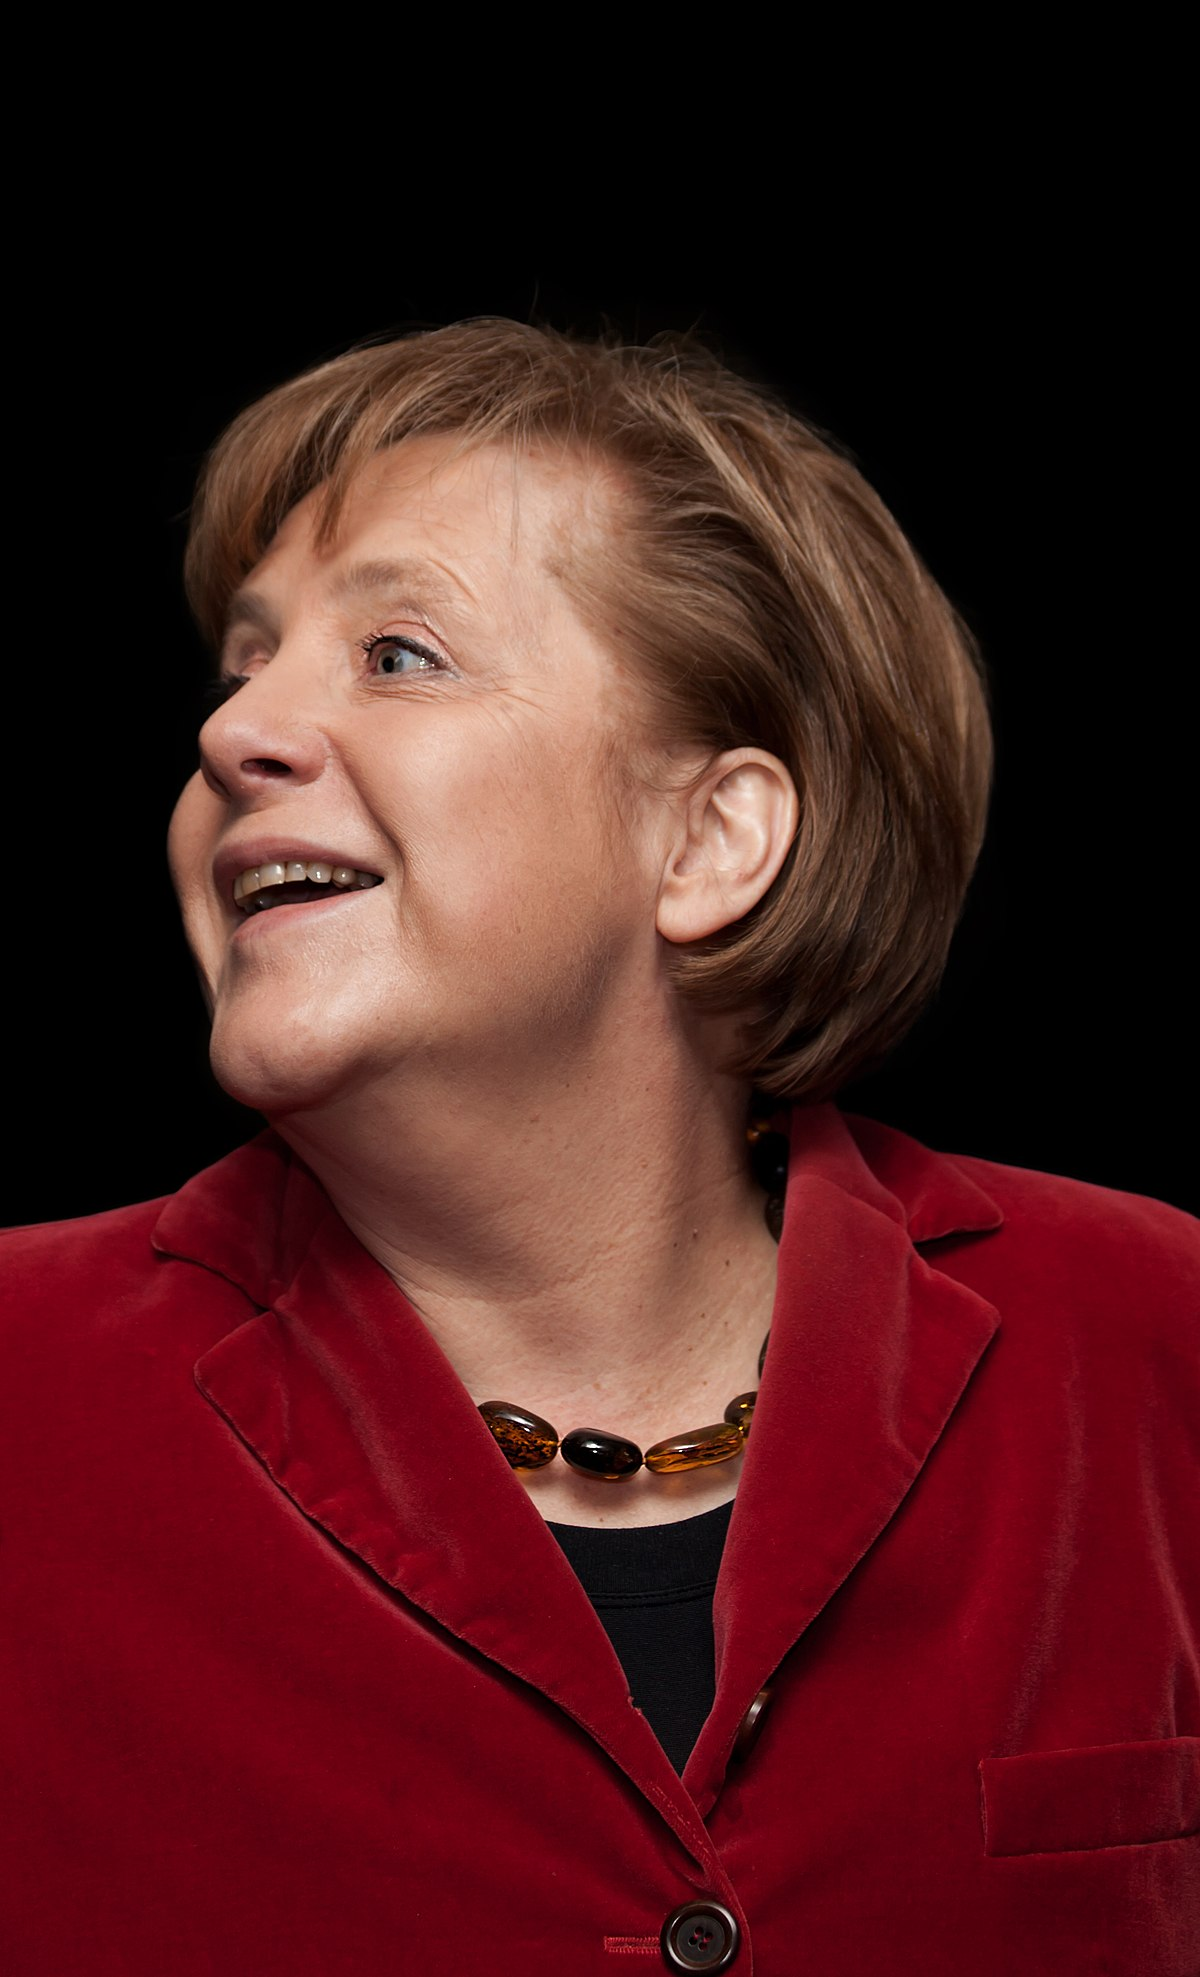 Angela Merkel - Wikimedia Commons